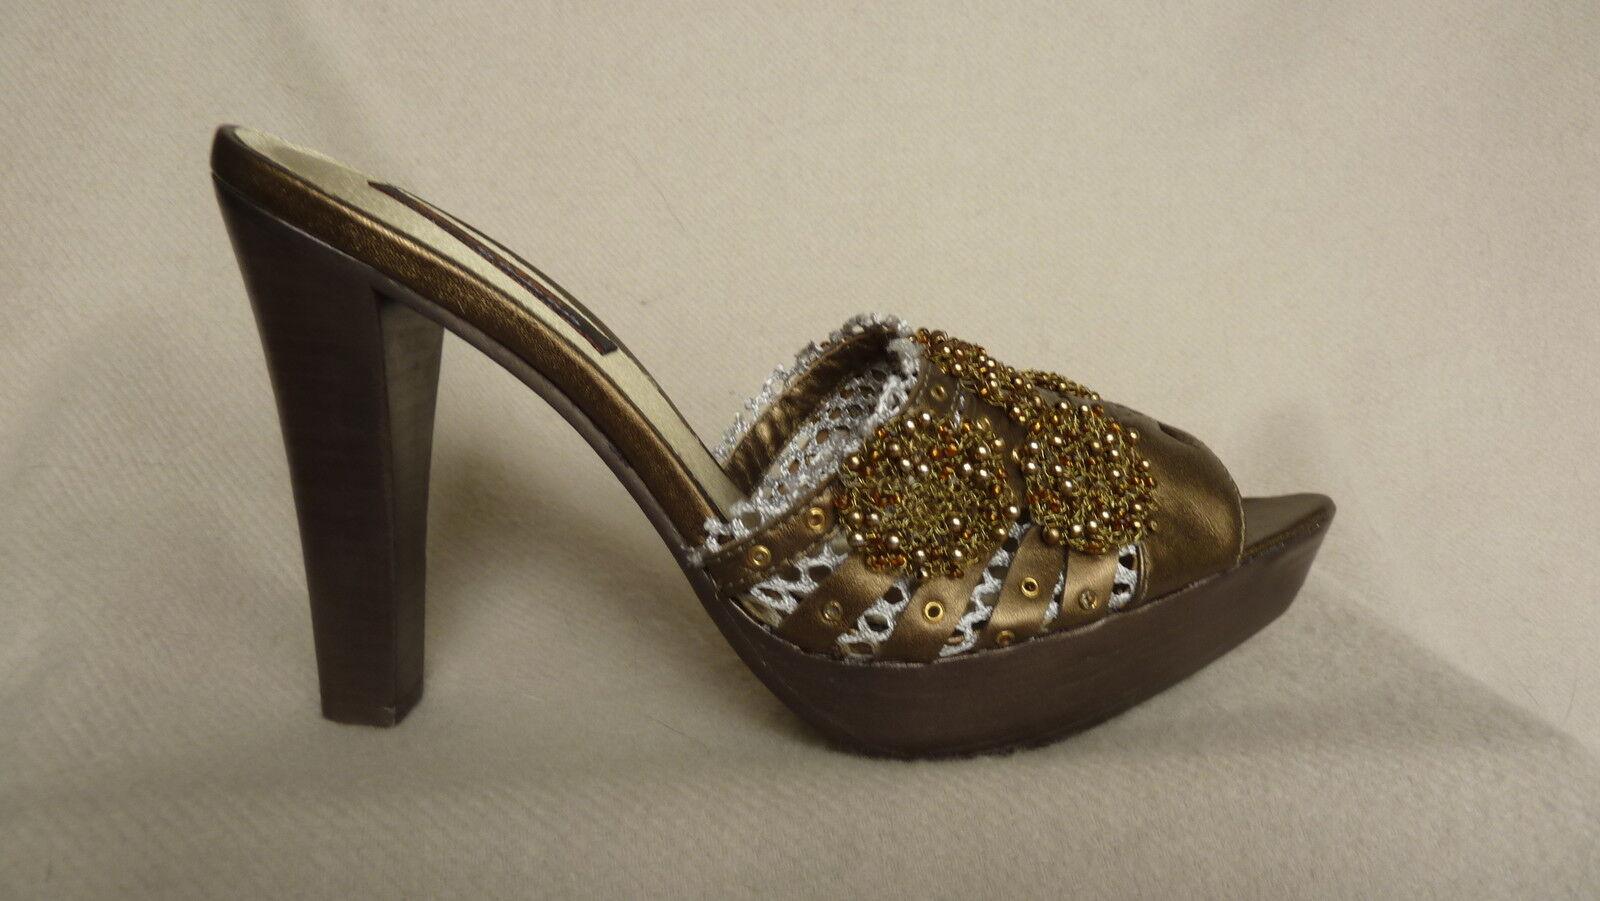 Morenatom Couture Platform Slides, sixes 6-8, NIB/279.00 retail